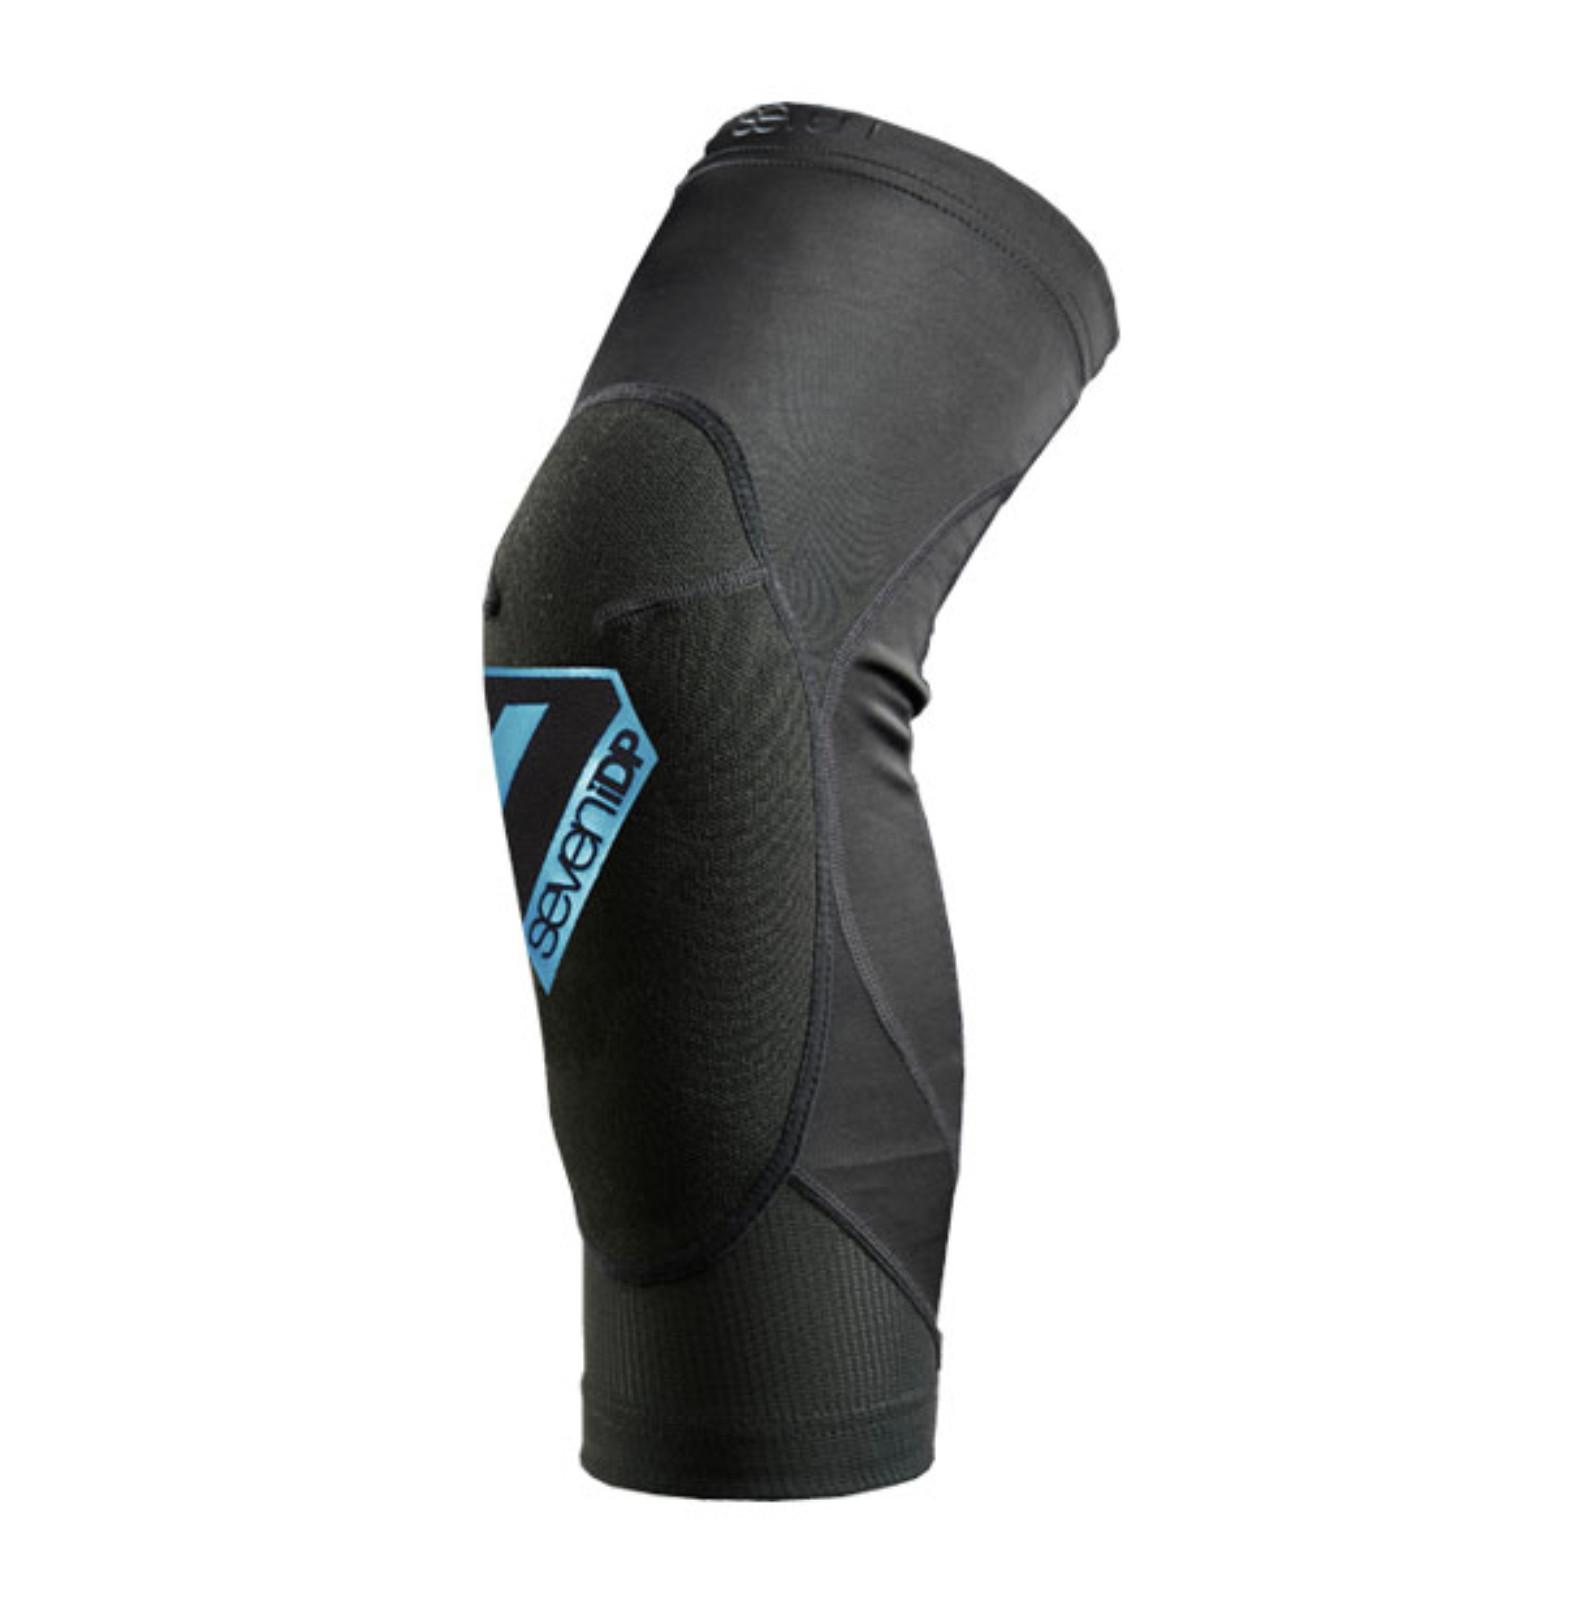 Endura SingleTrack Elbow Protectors New RRP £49.99